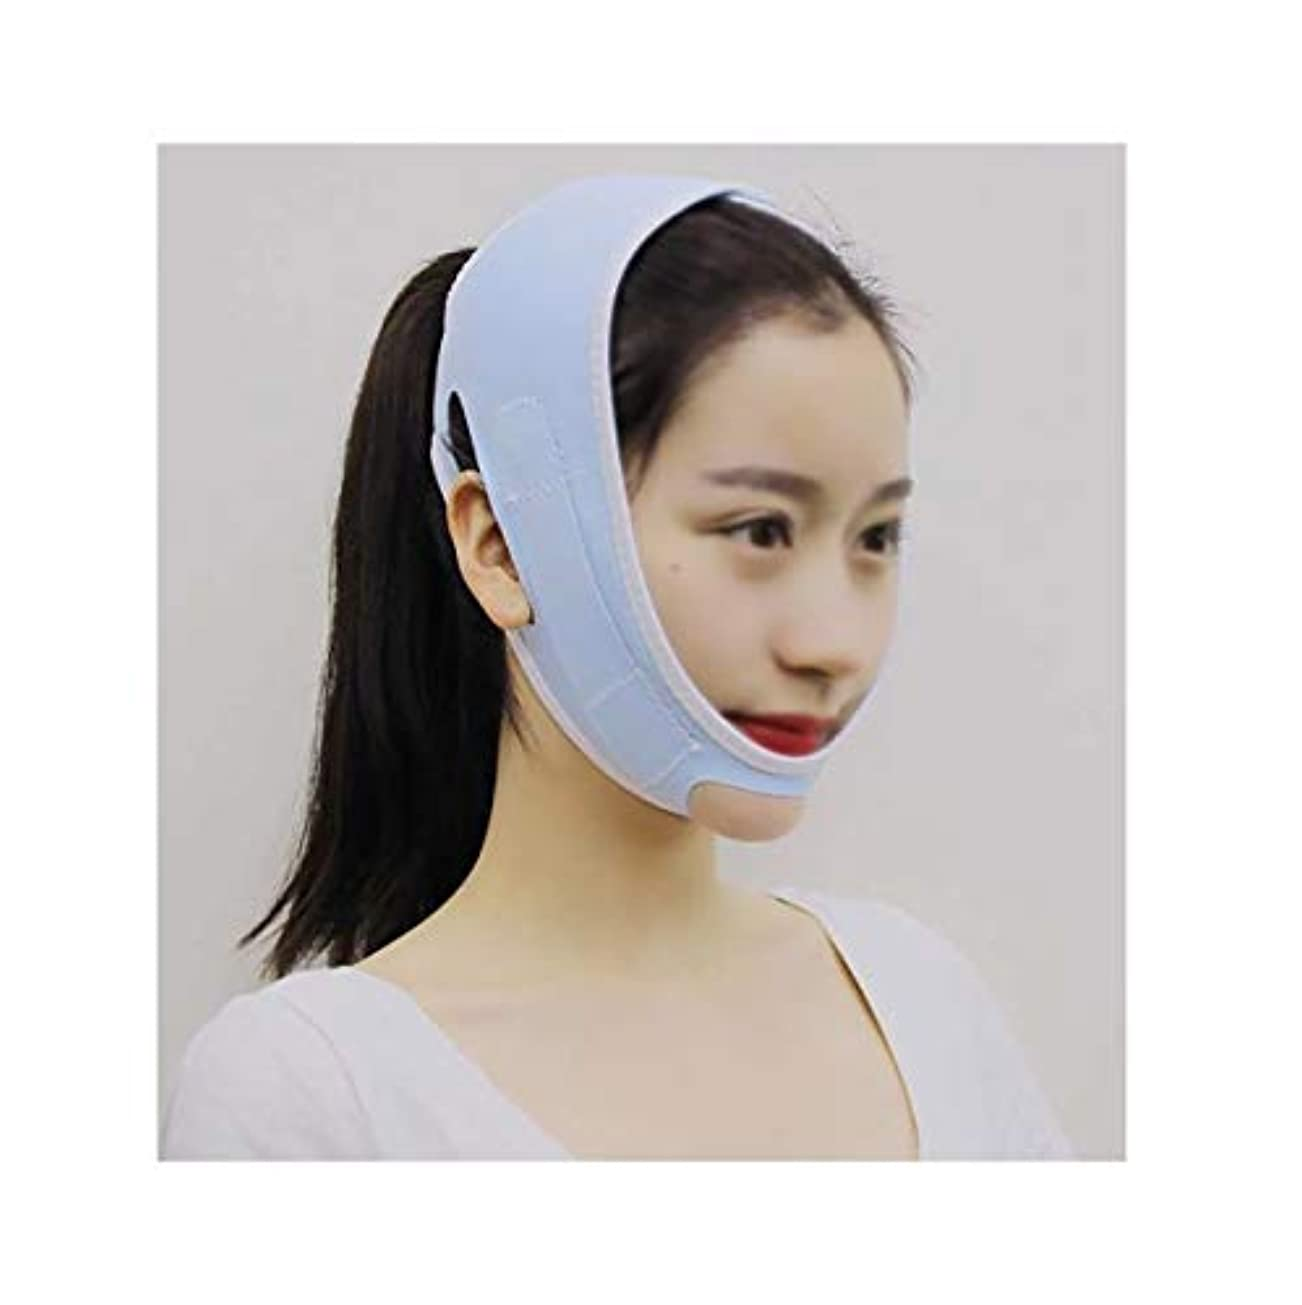 サンダースおんどり苛性GLJJQMY フェイシャルリフティングマスクあごストラップ修復包帯ヘッドバンドマスクフェイスリフティングスモールVフェイスアーティファクト型美容弾性フェイシャル&ネックリフティング 顔用整形マスク (Color : Blue)